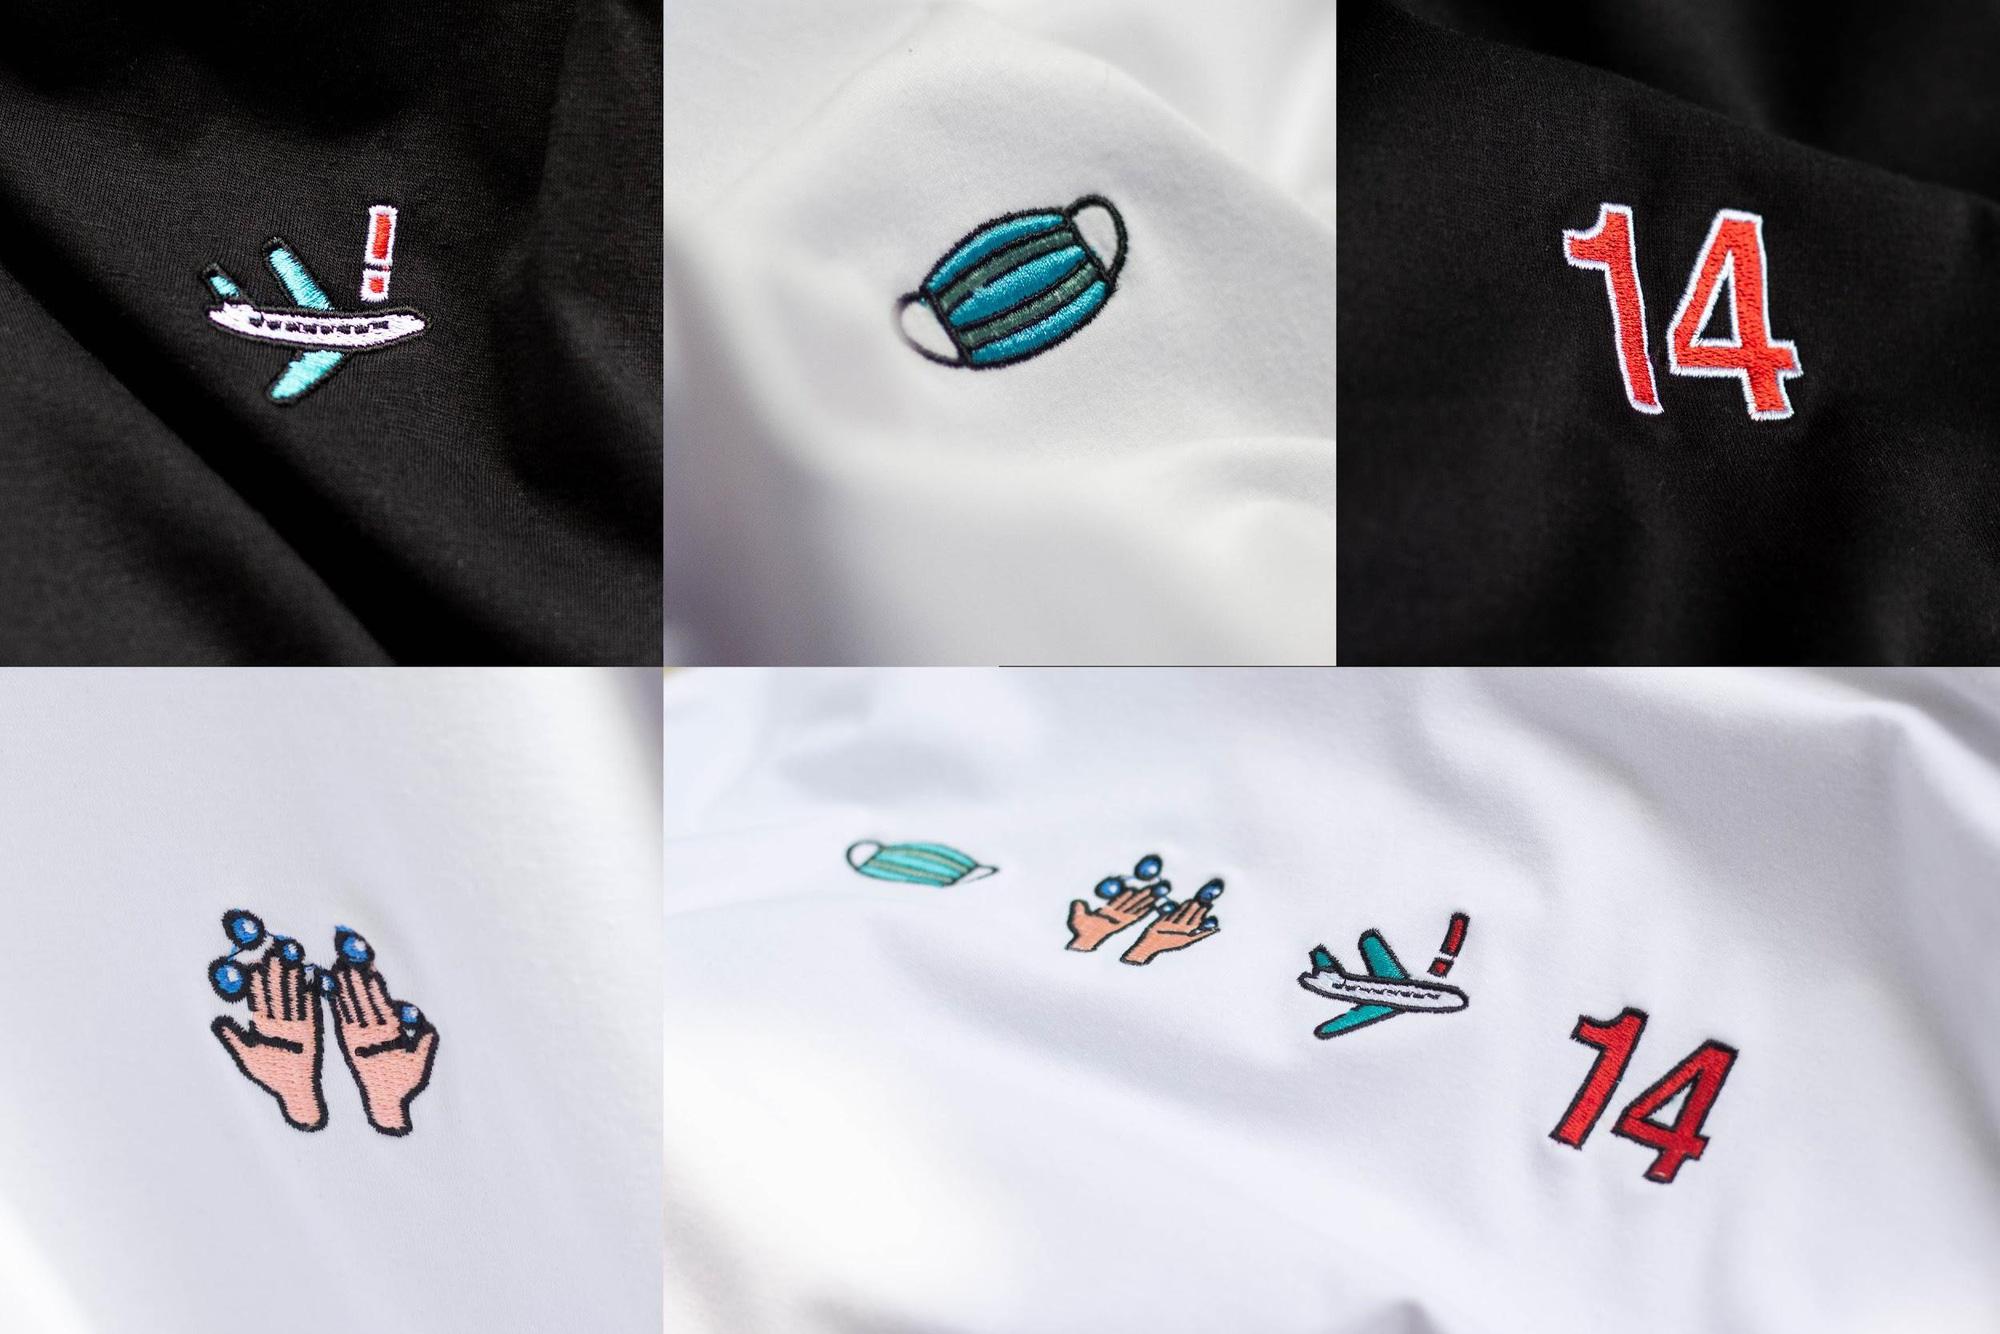 10.000 thông điệp đã được truyền đi chỉ từ một sản phẩm - Đây chính là chiếc áo được hàng loạt hot face lựa chọn mùa COVID-19 - Ảnh 2.